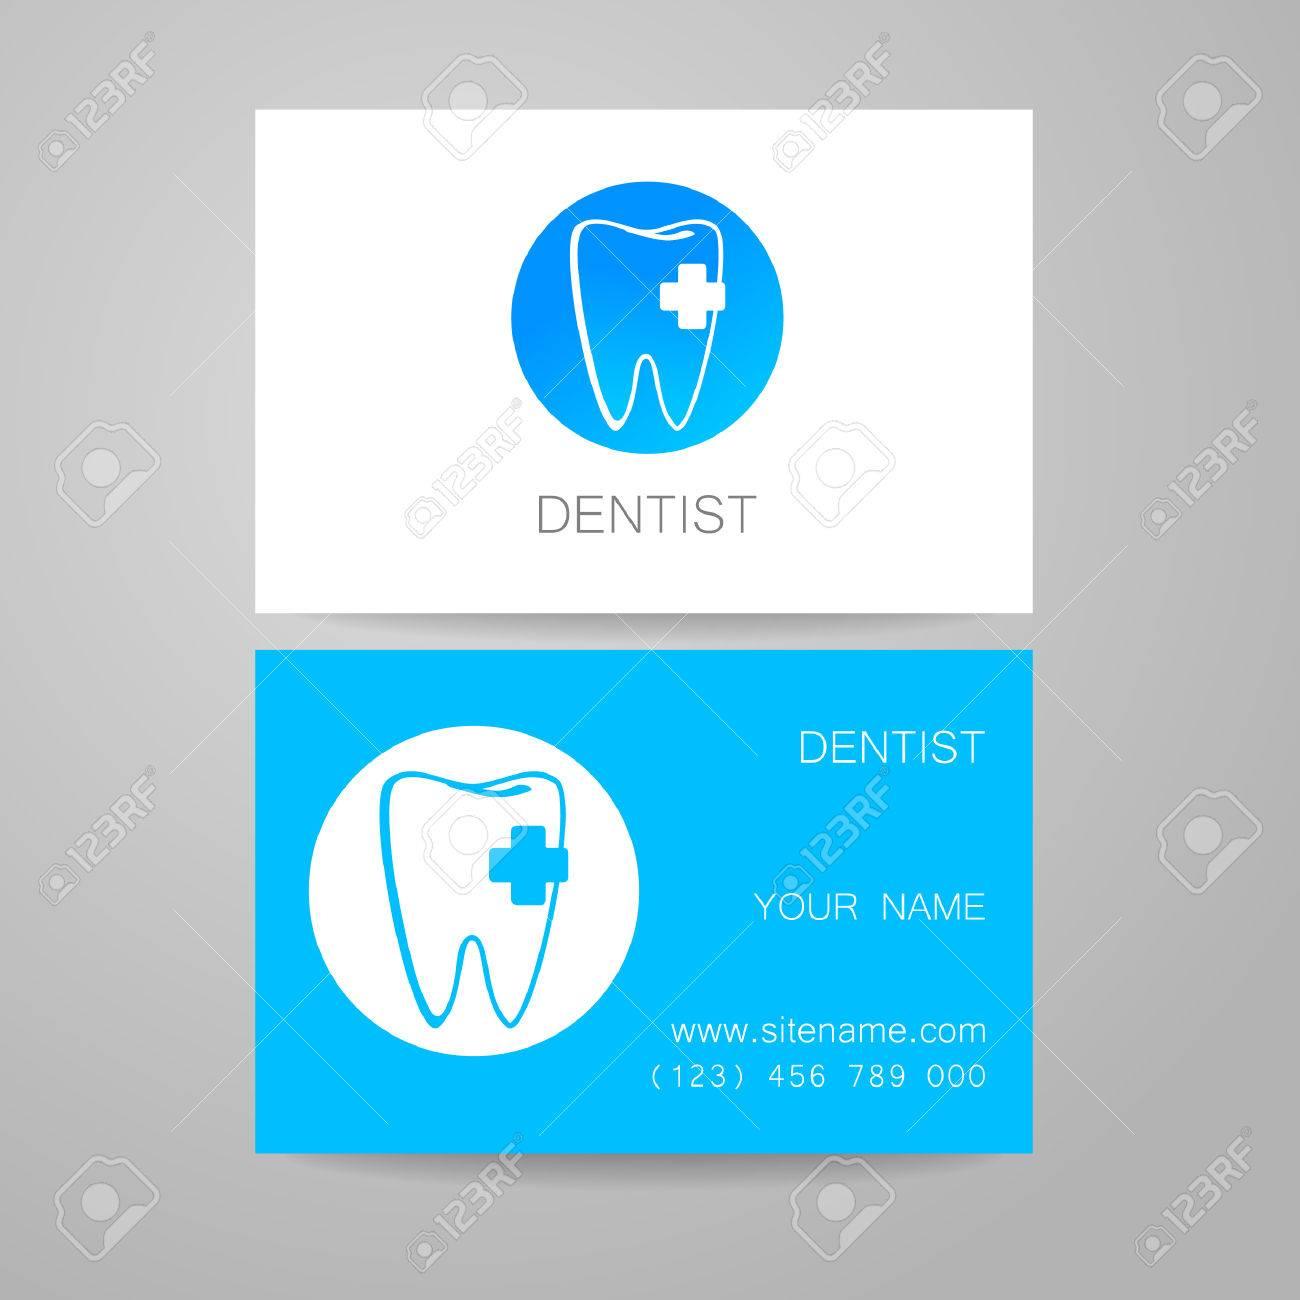 Cabinet Dentaire Modele De Conception Lidentite Dentreprise